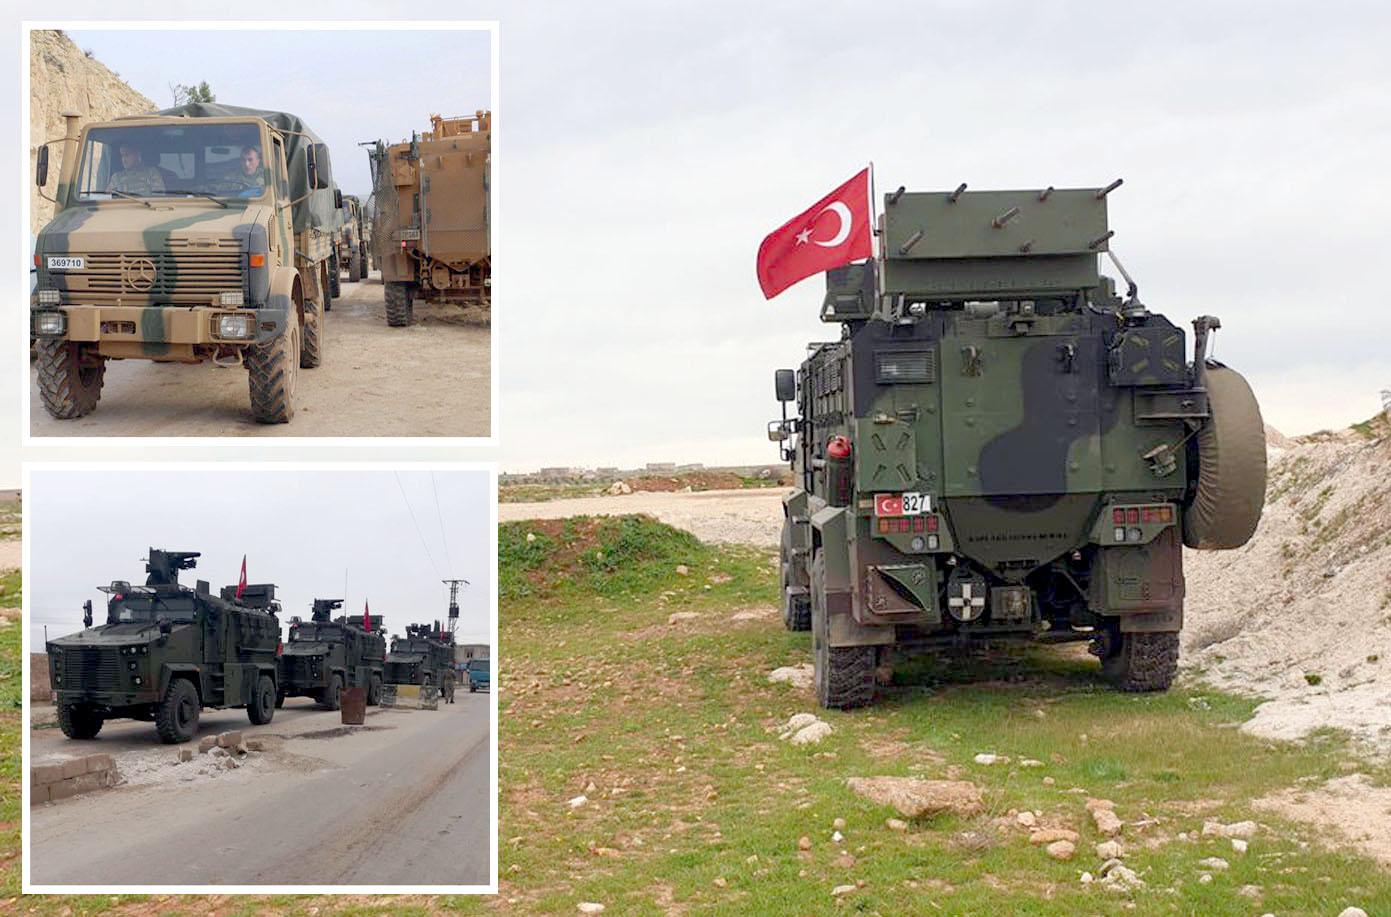 شام: ترکی اور روس کی افواج شمال مغربی صوبے ادلب کے قصبے تل رفعت میں مشترکہ گشت کررہی ہیں